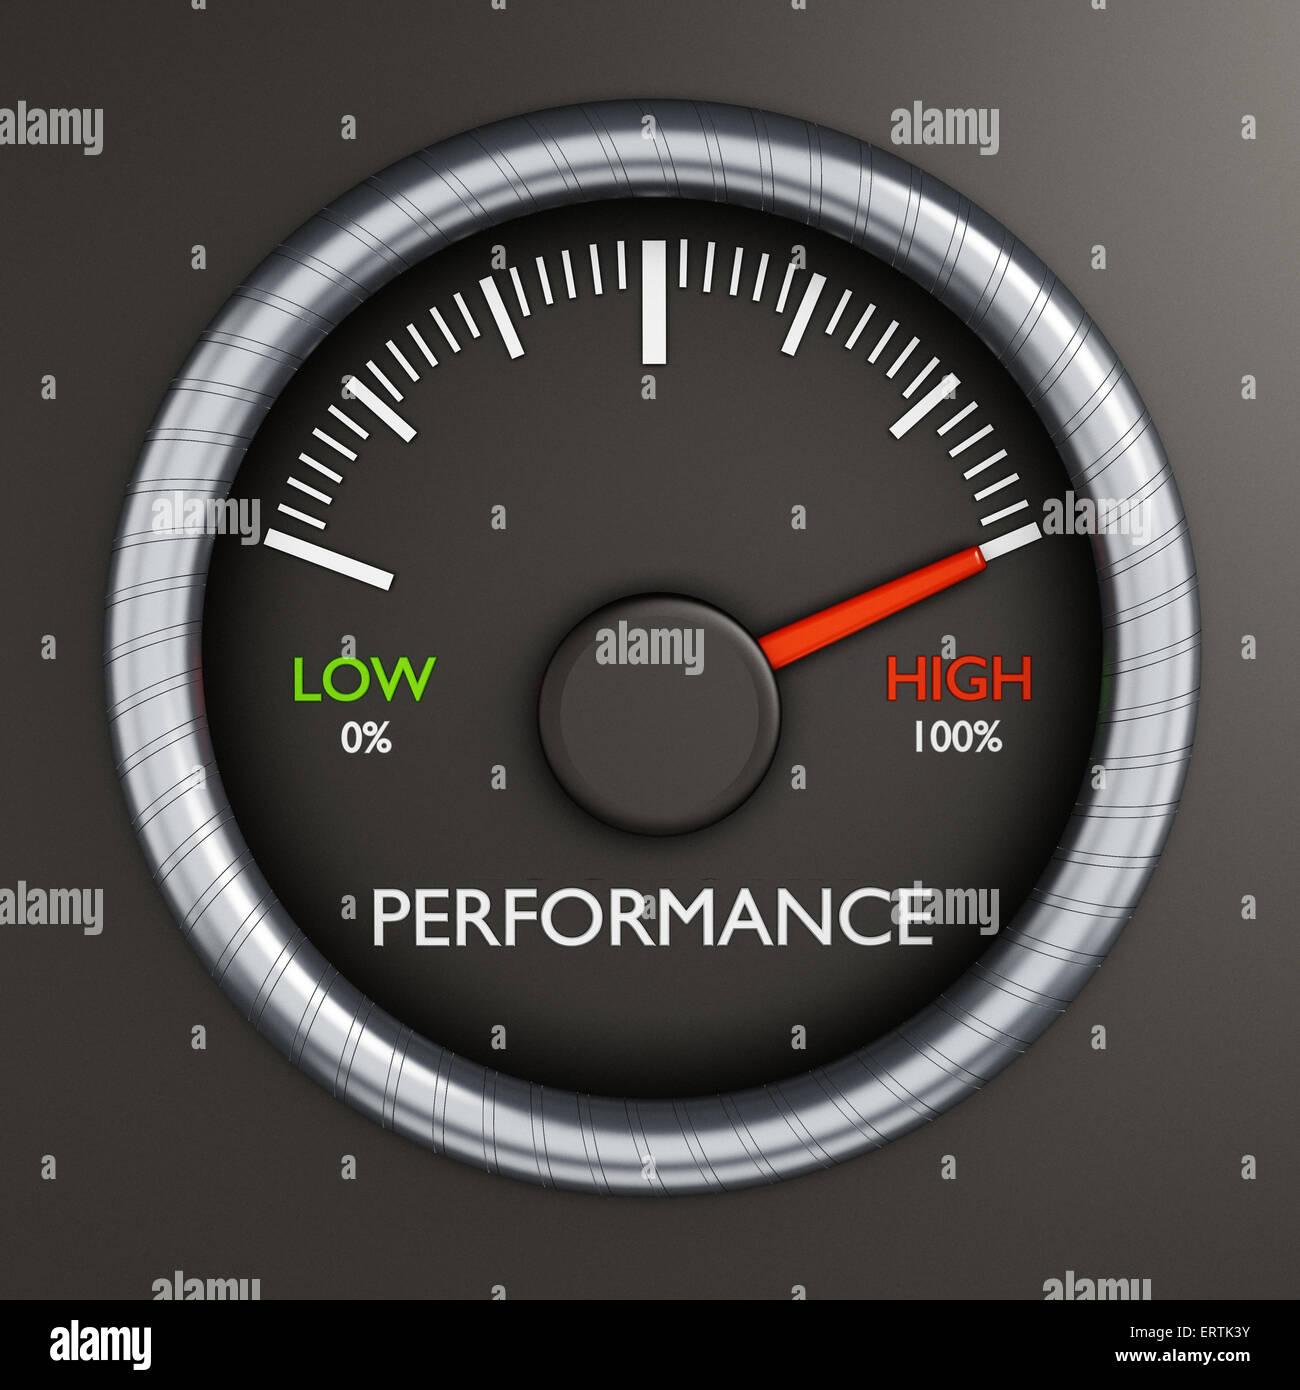 L'analyseur de performances indique des performances élevées Photo Stock